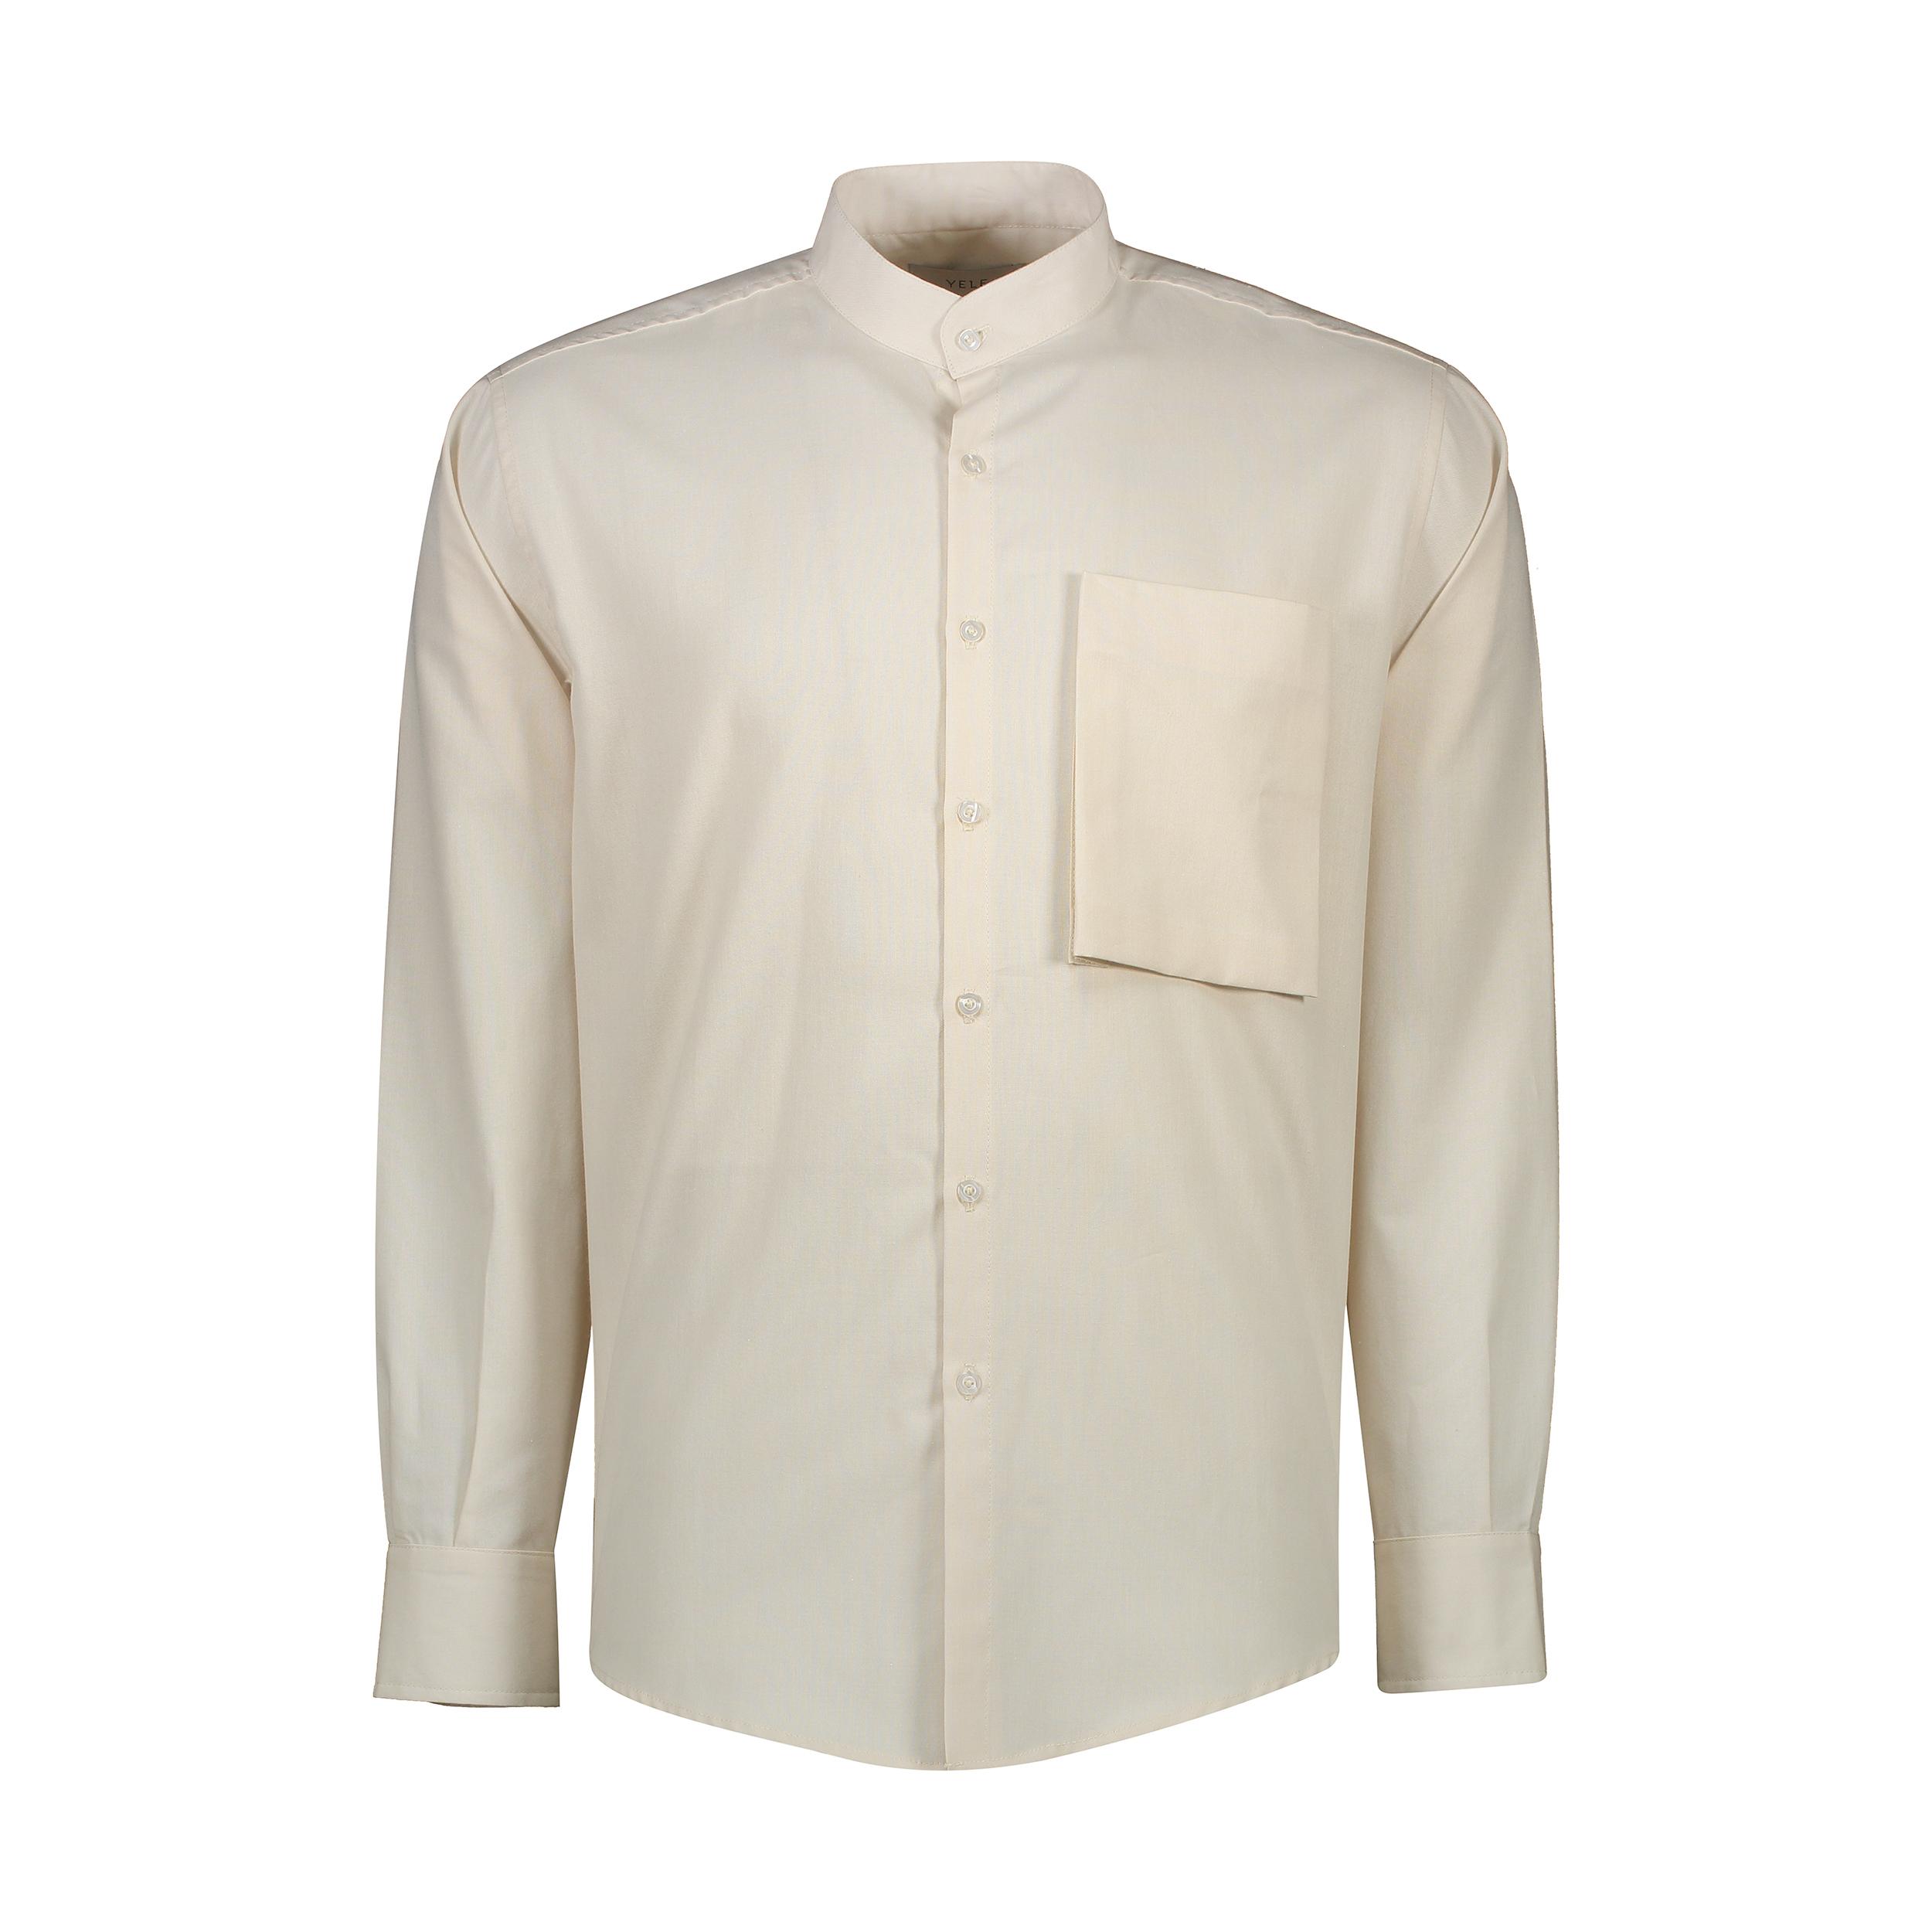 پیراهن آستین بلند مردانه یله مدل M4493000SHرنگ کرم روشن